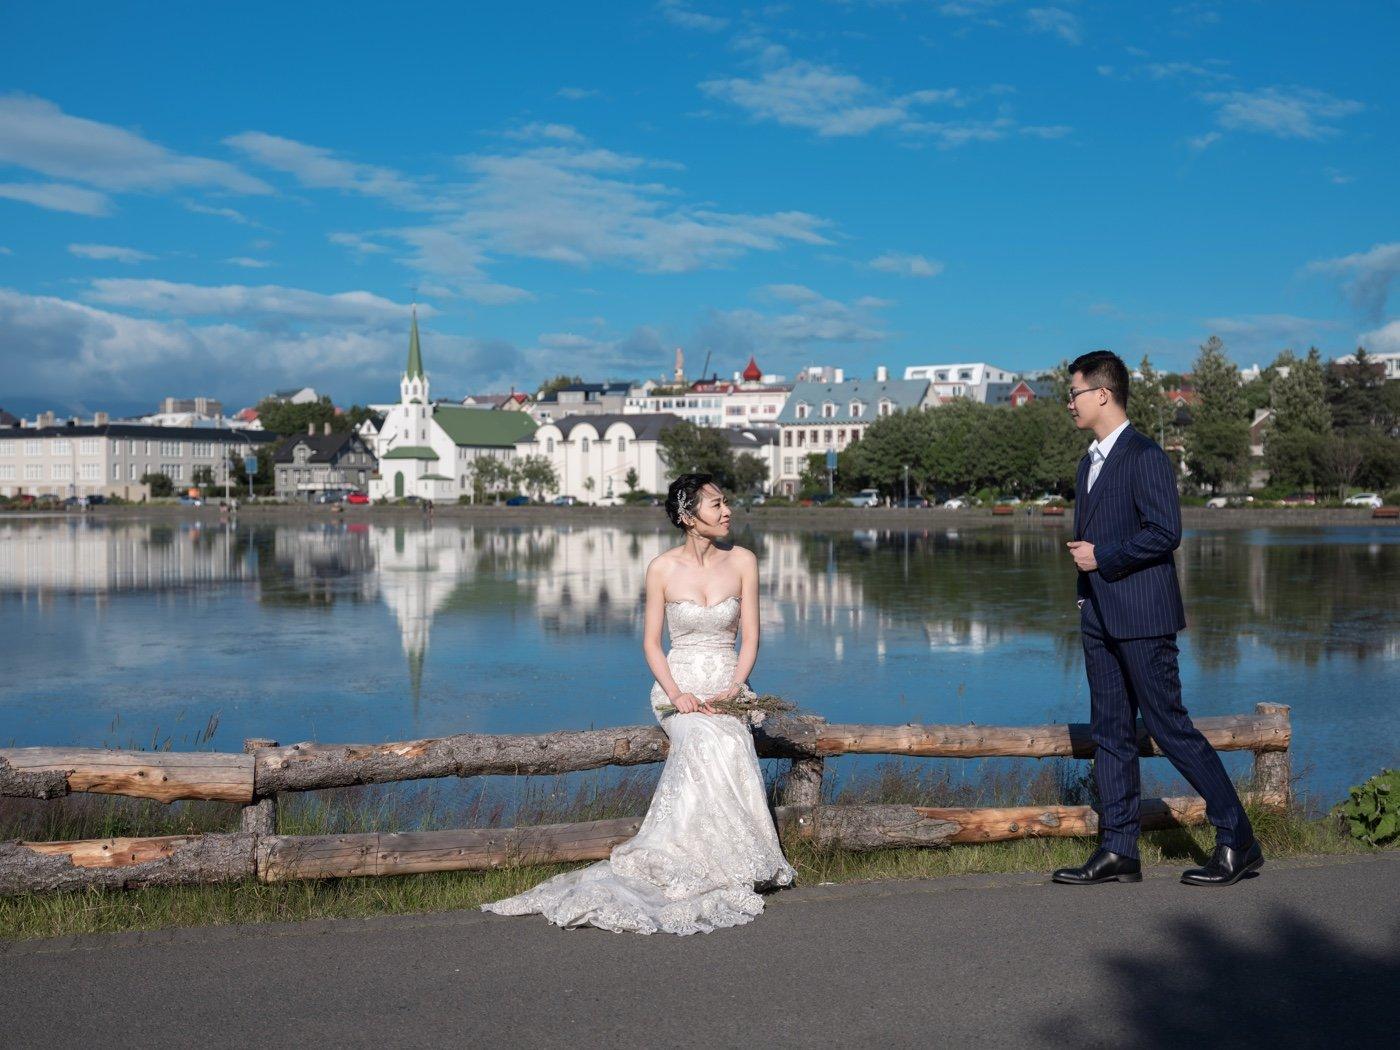 MoFoTo 冰岛婚纱旅拍9